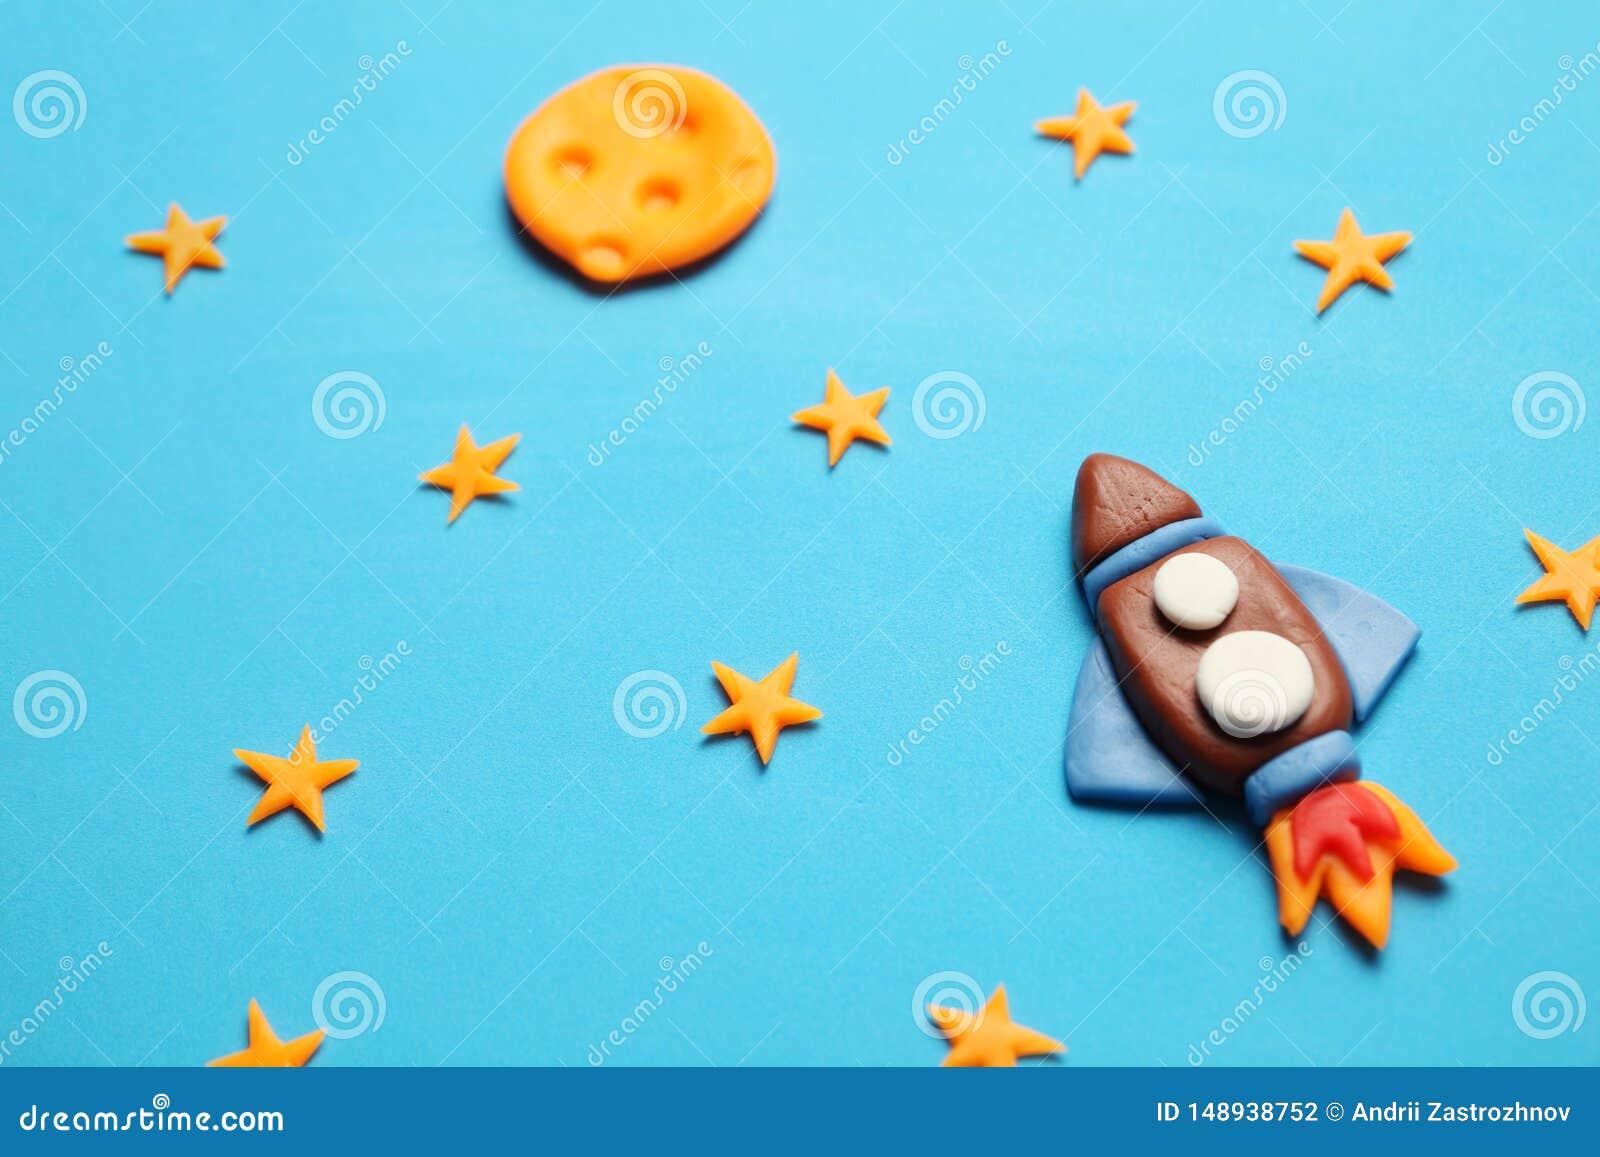 Dzieciaka dziecka rakieta w przestrzeni, przygodzie i nauce, Gwiazdy i ksi??yc, Plasteliny sztuka, kresk?wka